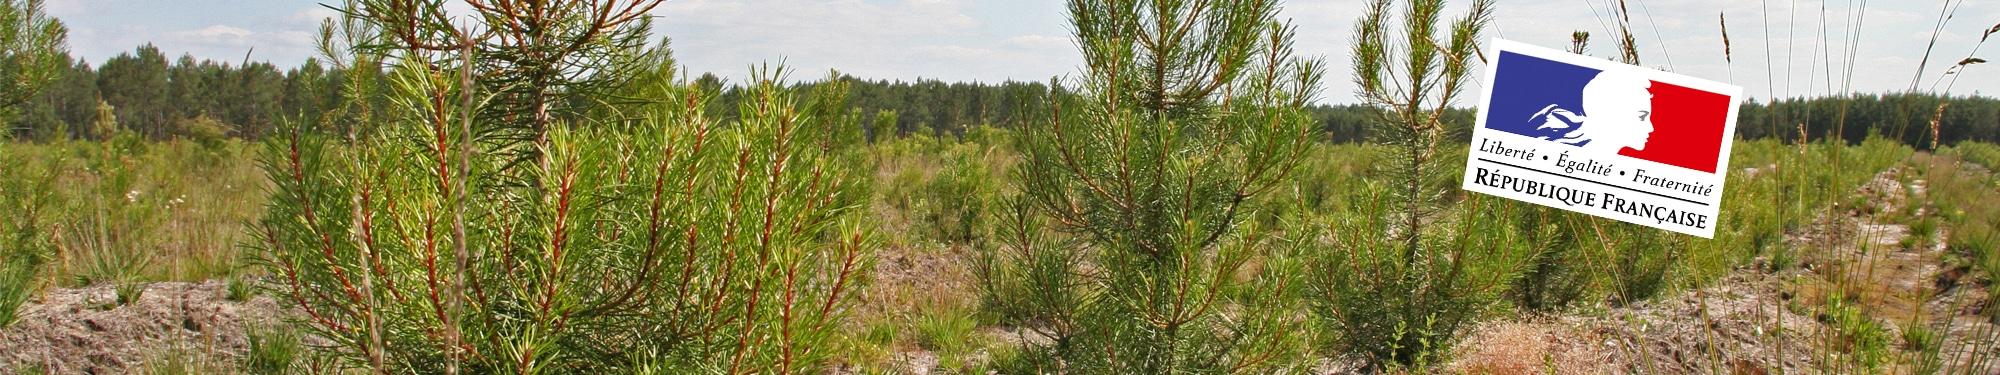 Alliance For u00eats Bois Aidesà l'investissement forestier # Fiscalité Bois Et Forêts